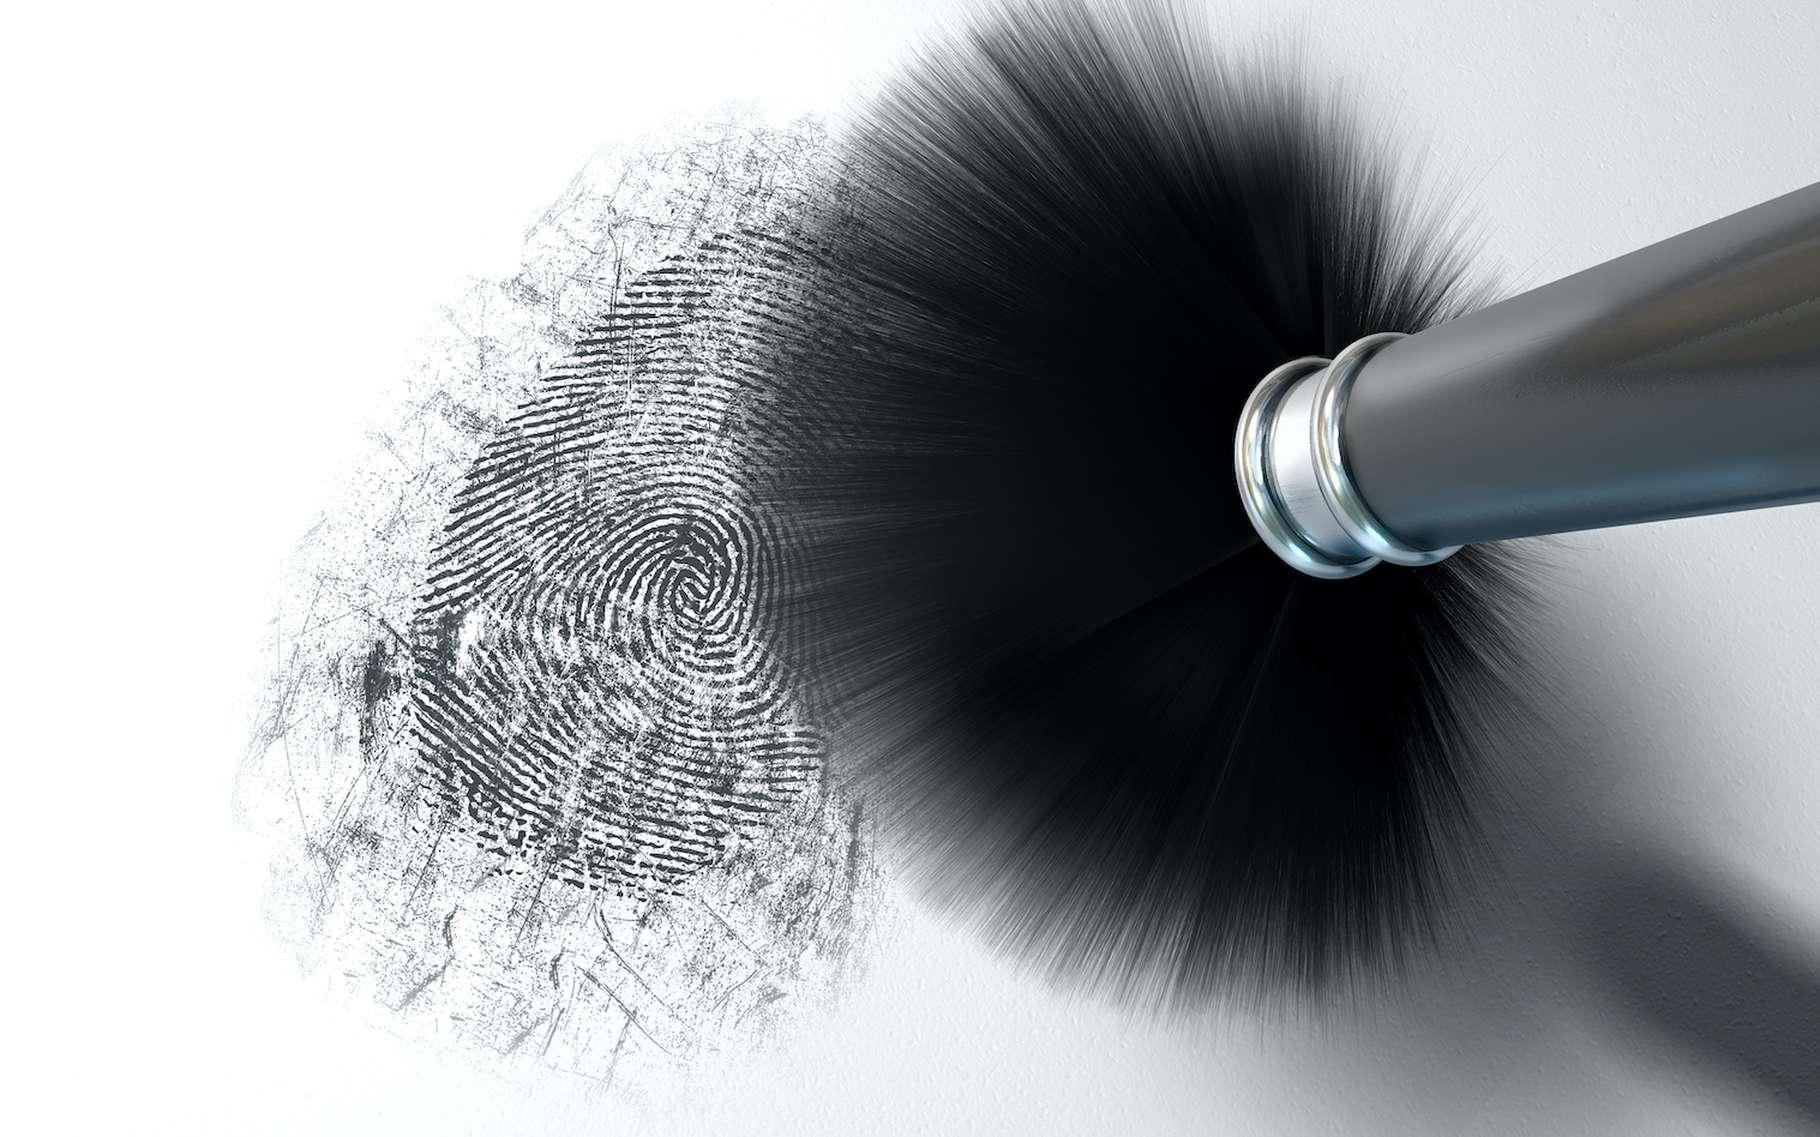 Les empreintes digitales, ces traces laissées par les dessins de nos pulpes papillaires, sont utilisées à des fins d'identification. © aswart, Adobe Stock